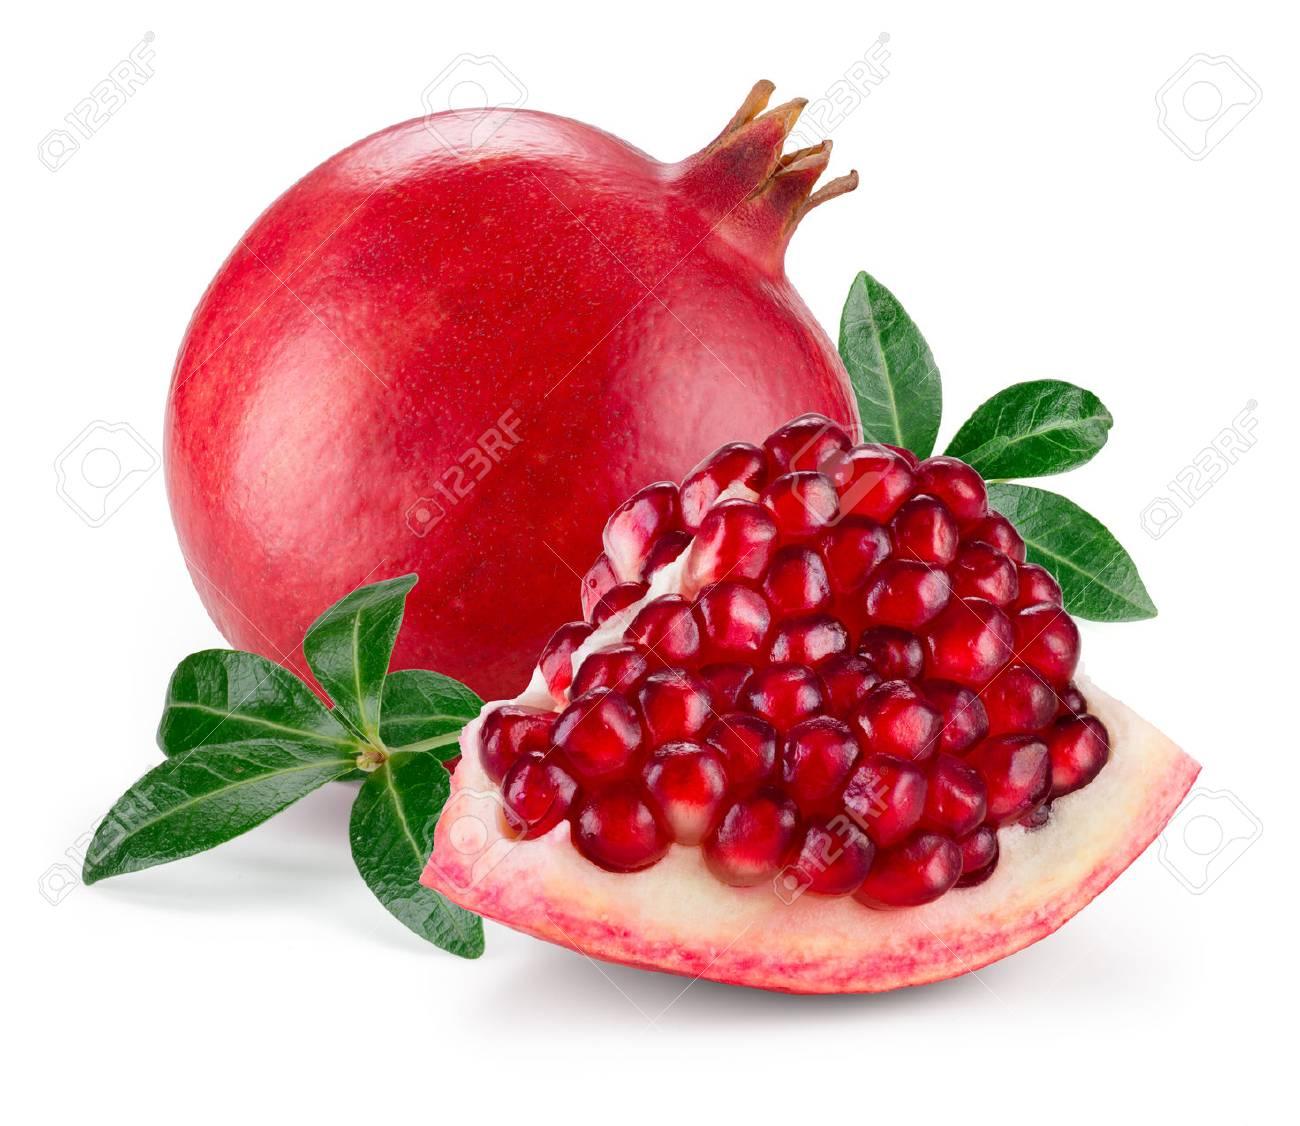 Pomegranate isolated on white background - 59831038